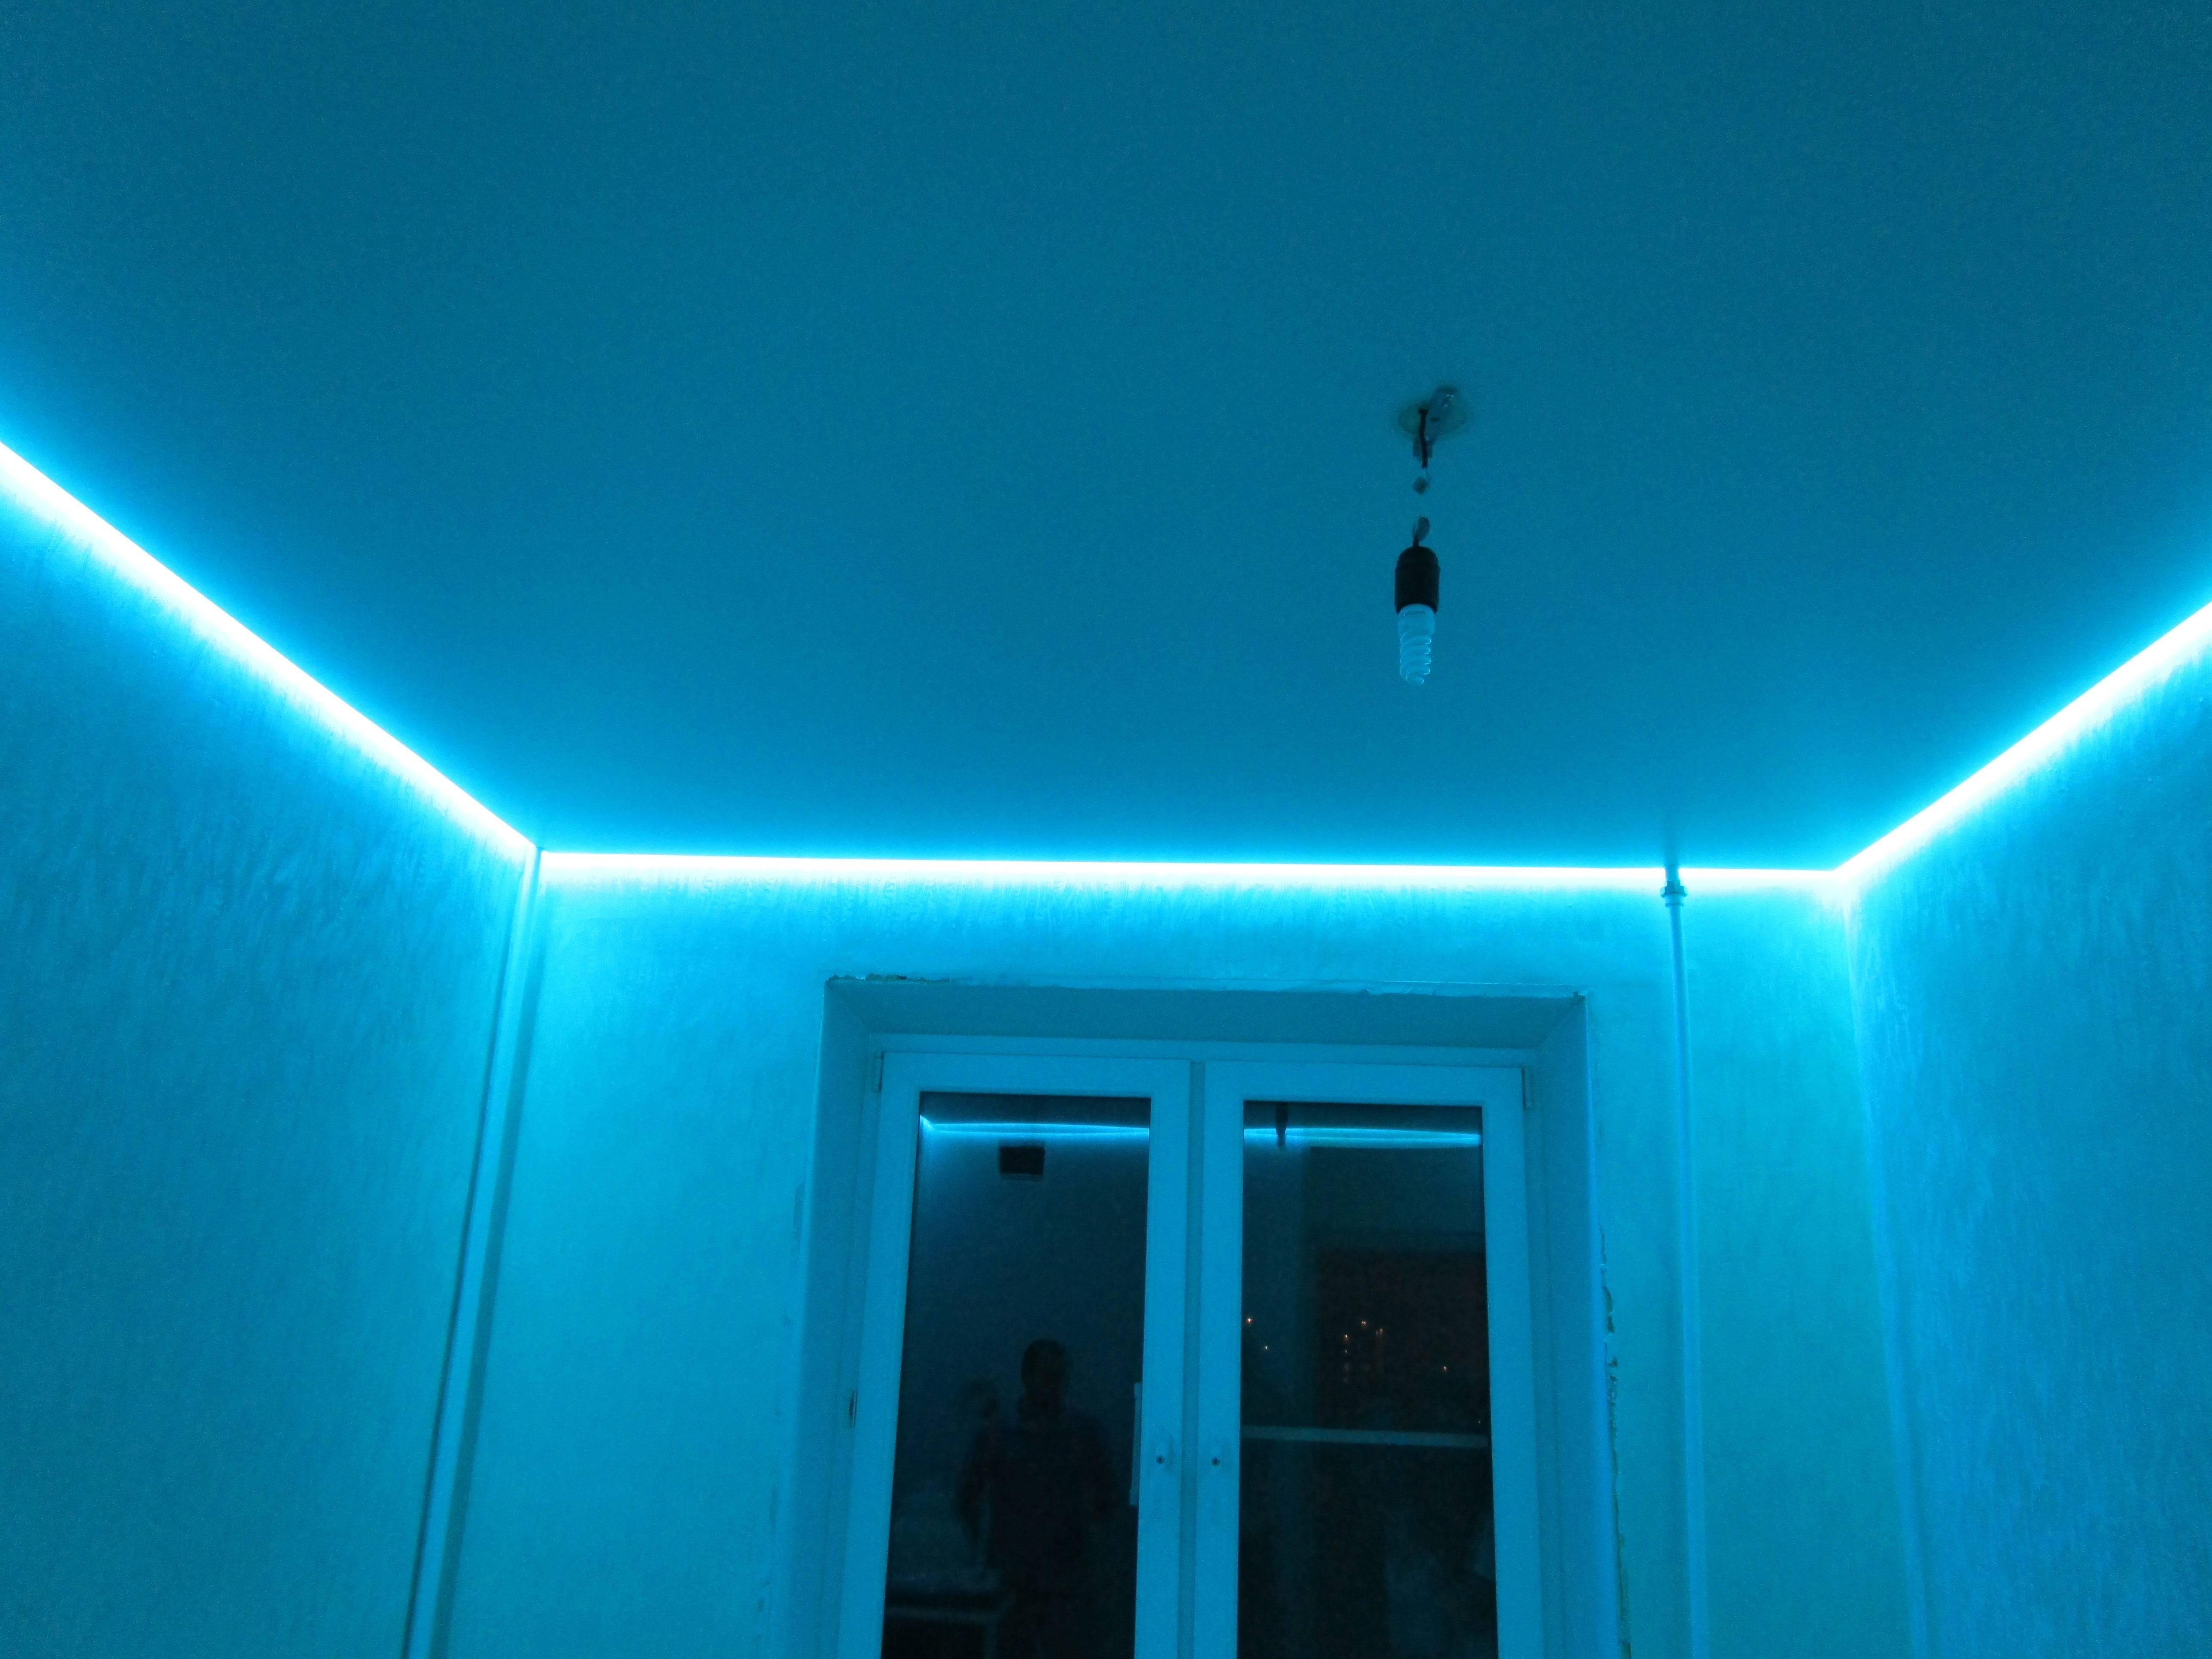 Прозрачный натяжной потолок с подсветкой: фото со светодиодной и цена, монтаж